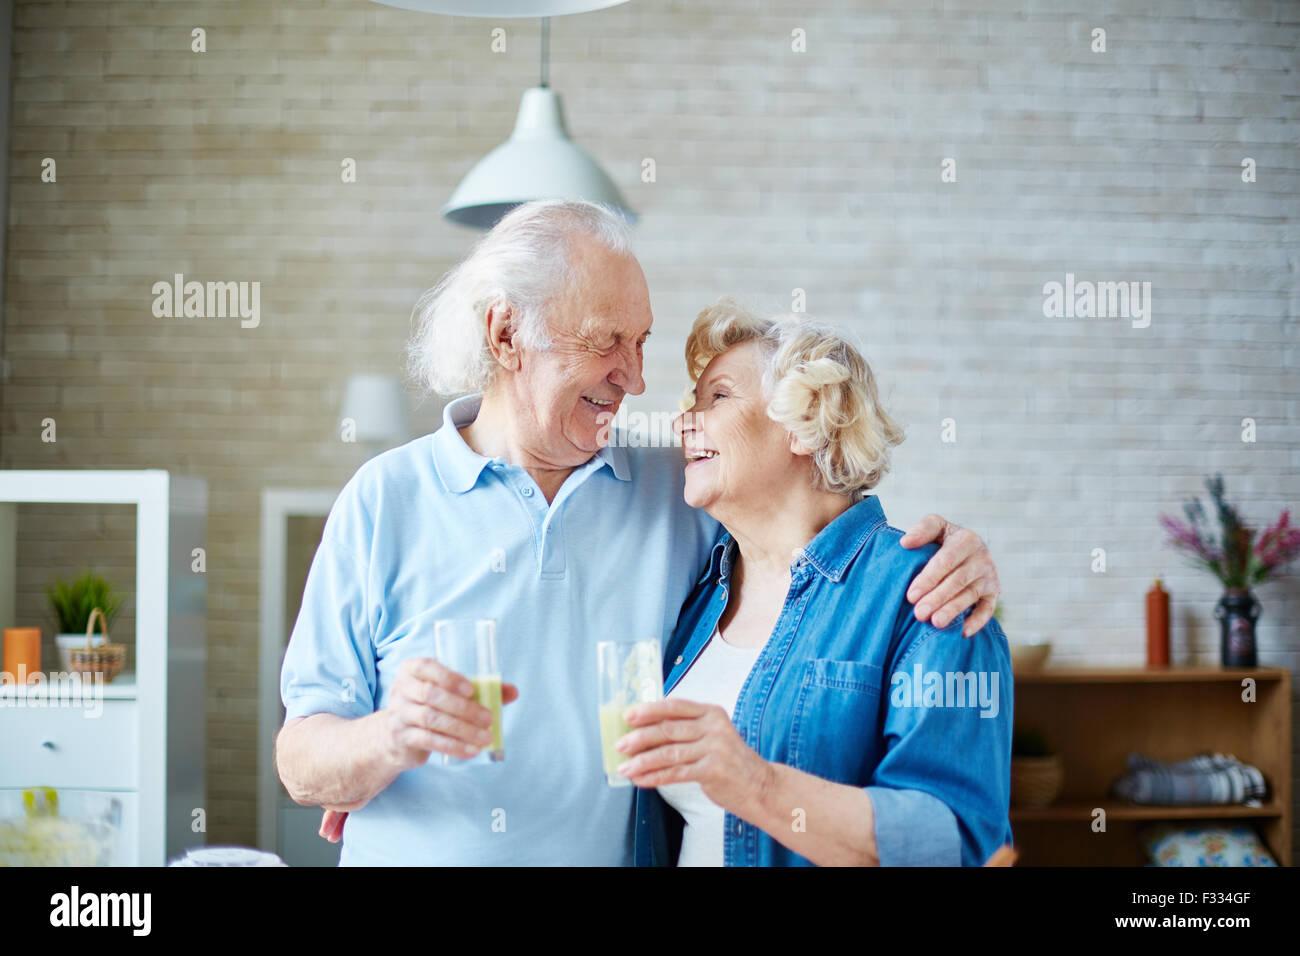 Senior il marito e la moglie holding bicchieri con sani in casa bevanda a base di frutta e guardando a un altro Immagini Stock